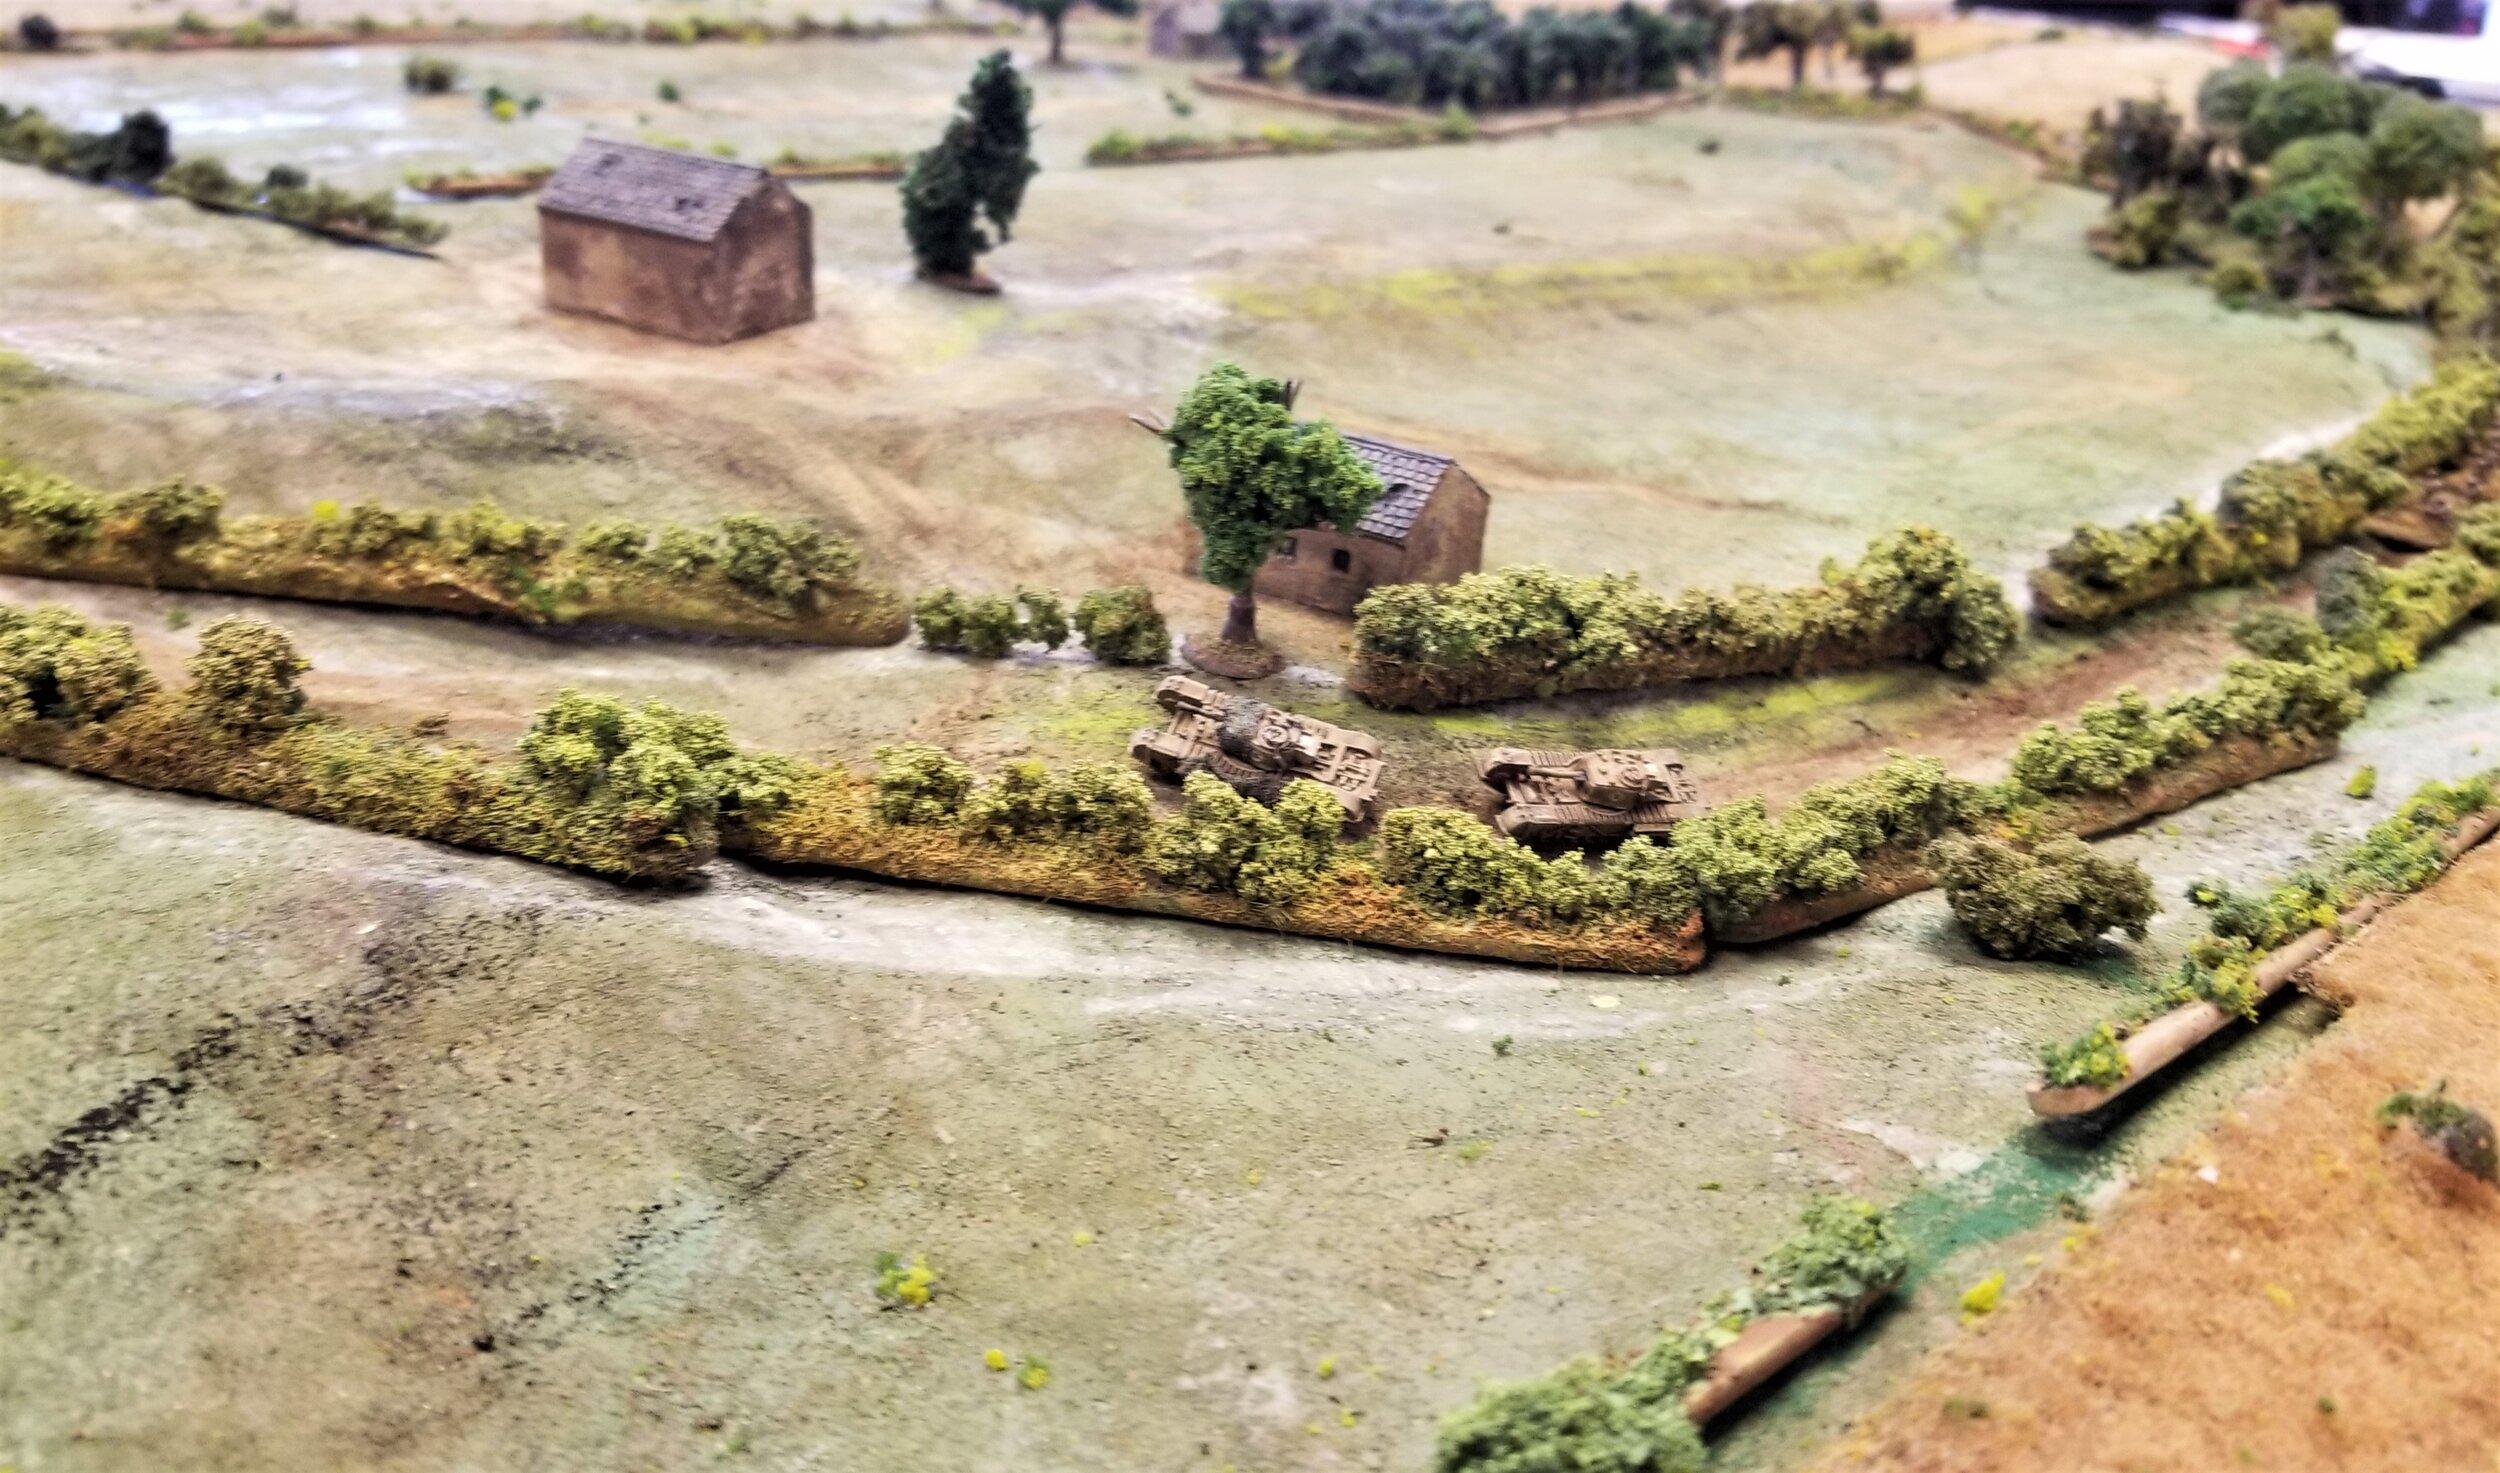 Churchills going down the sunken road